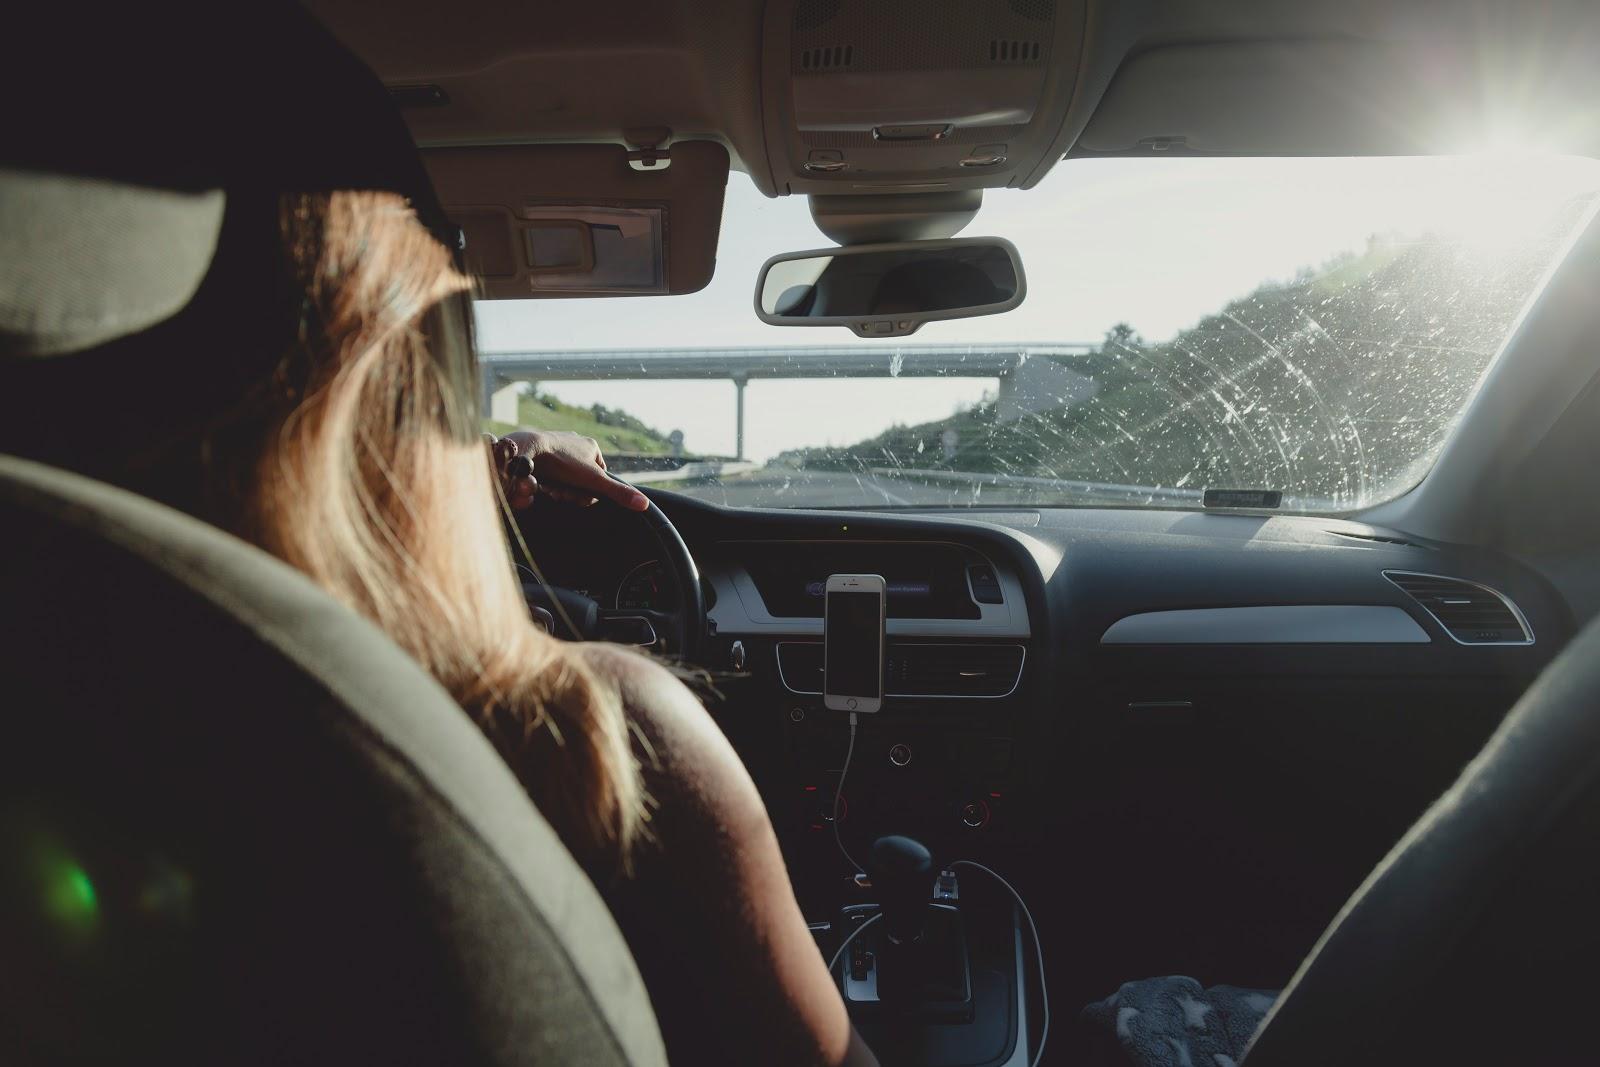 Mulher motorista de aplicativo dirigindo com as mãos no volanete e celular ao lado.